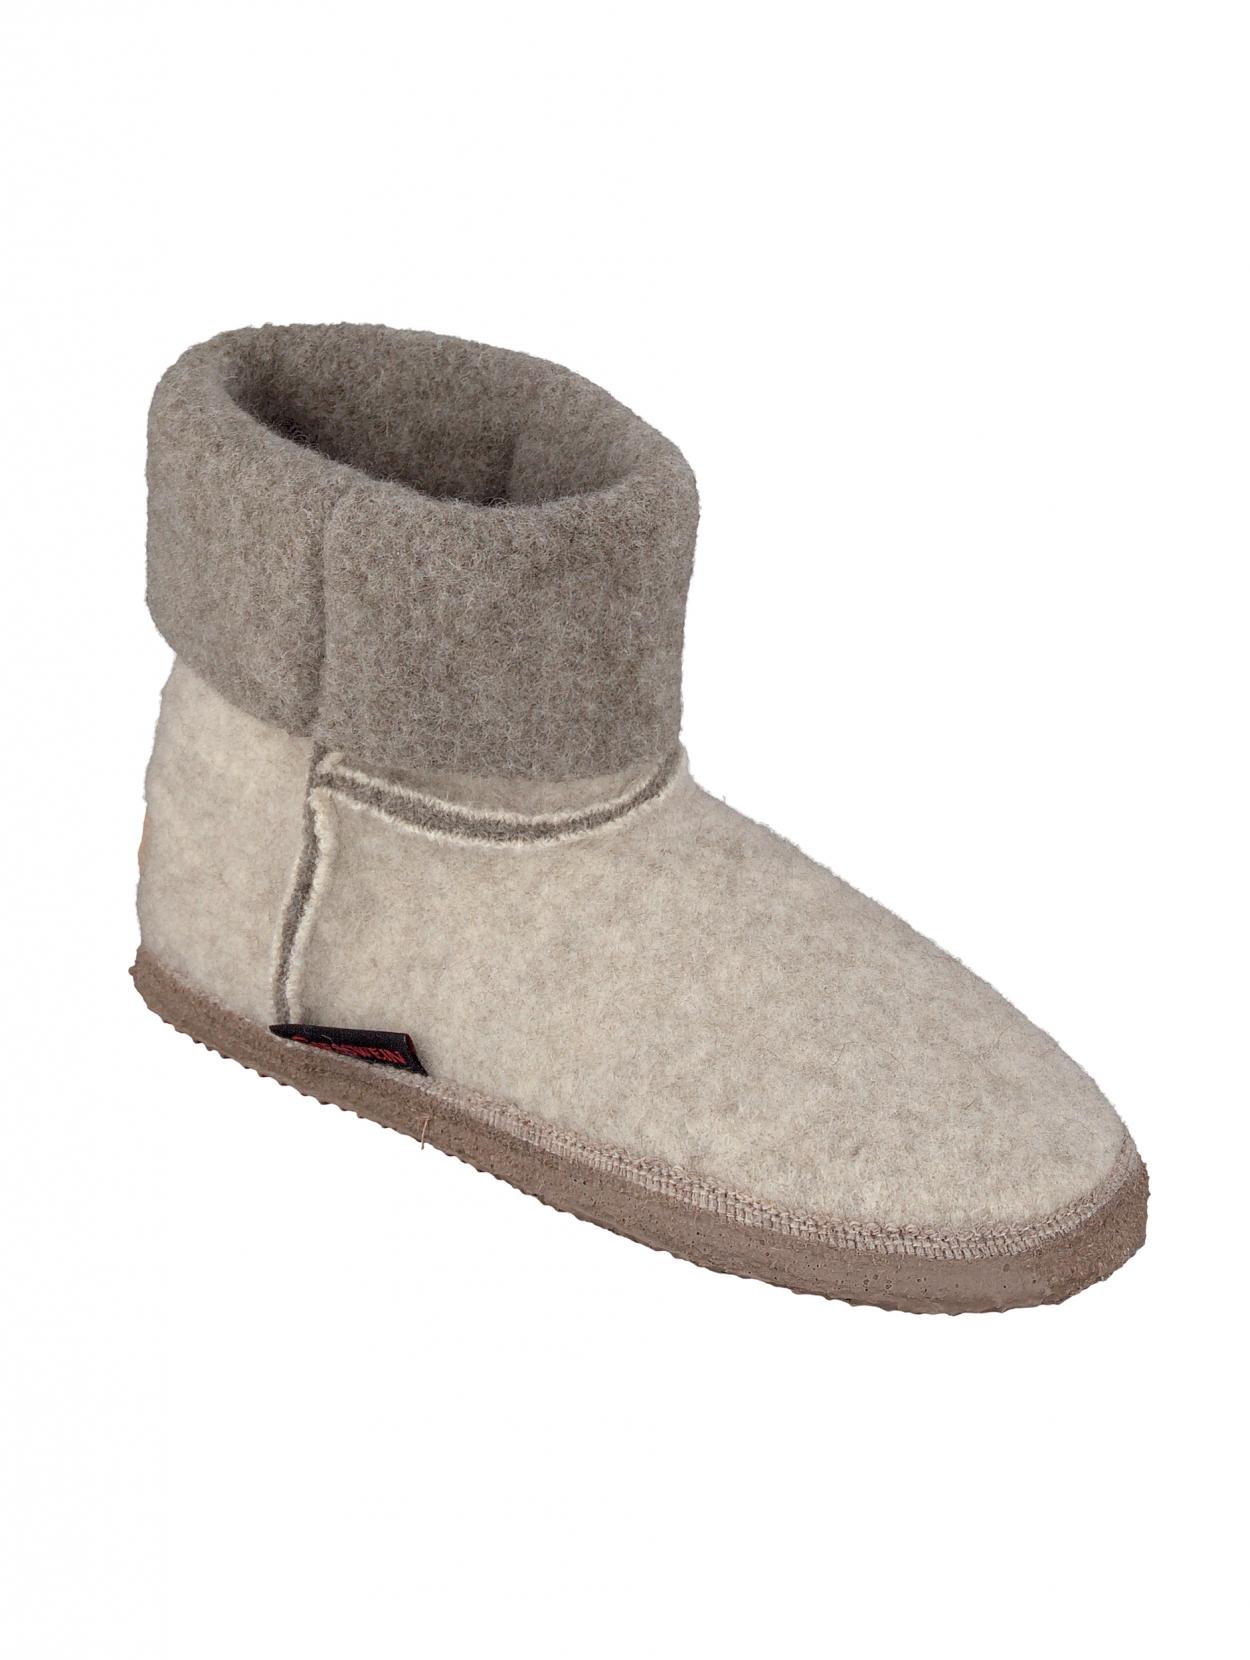 Chaussures Maison Chaude Chaussettes Pantoufle En Laine À Carreaux - Blanc, Taille 38